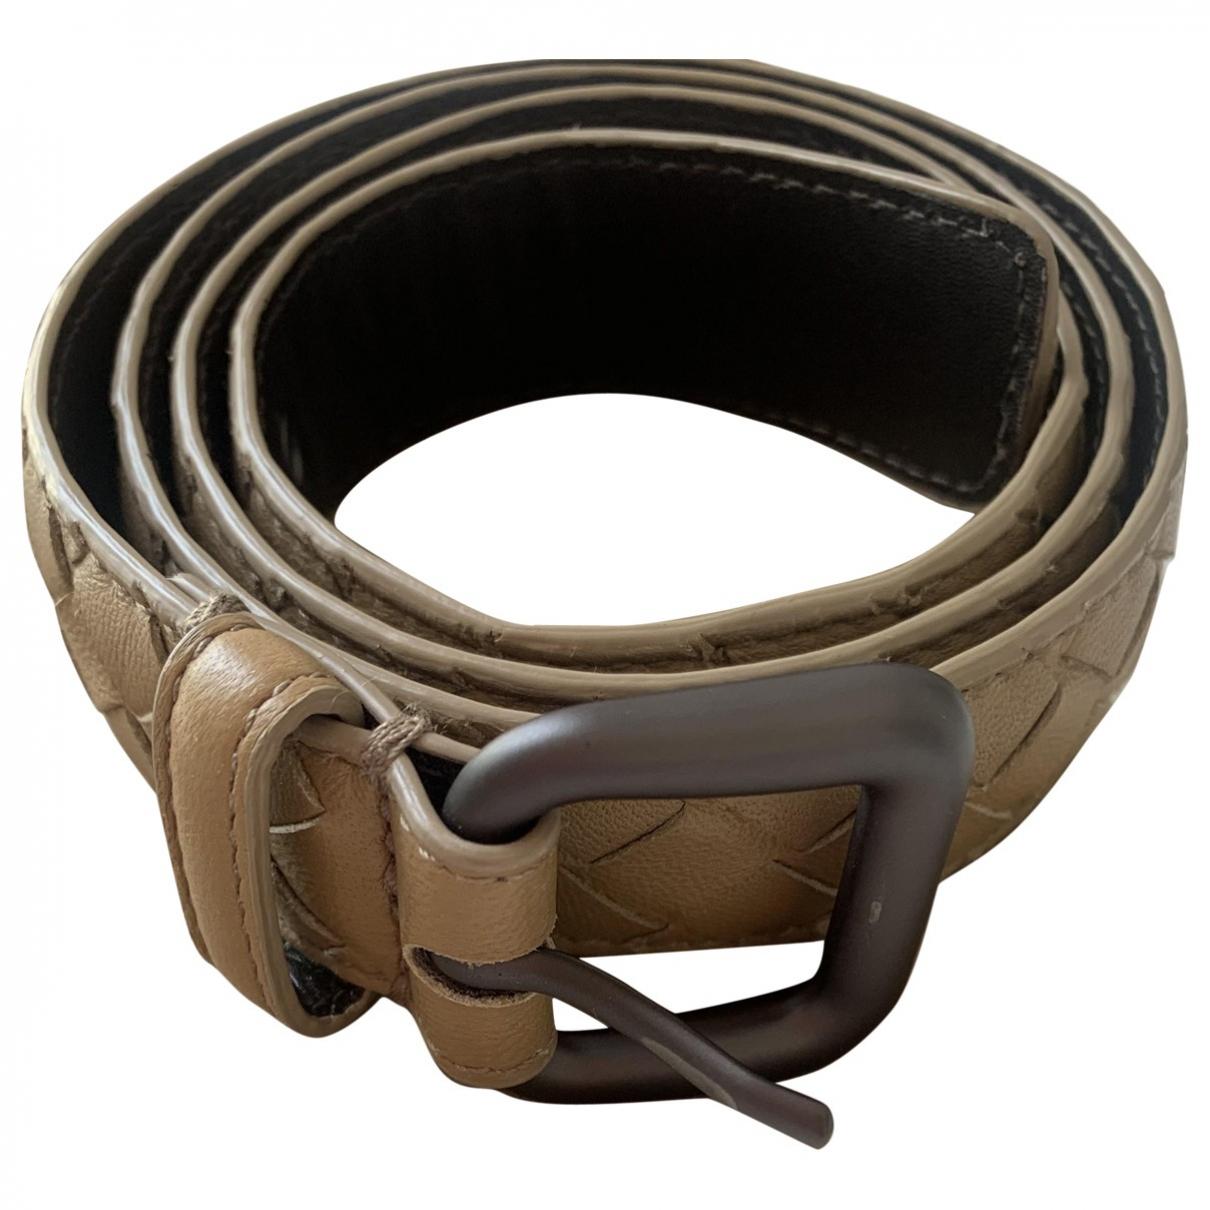 Bottega Veneta N Camel Leather belt for Women 80 cm